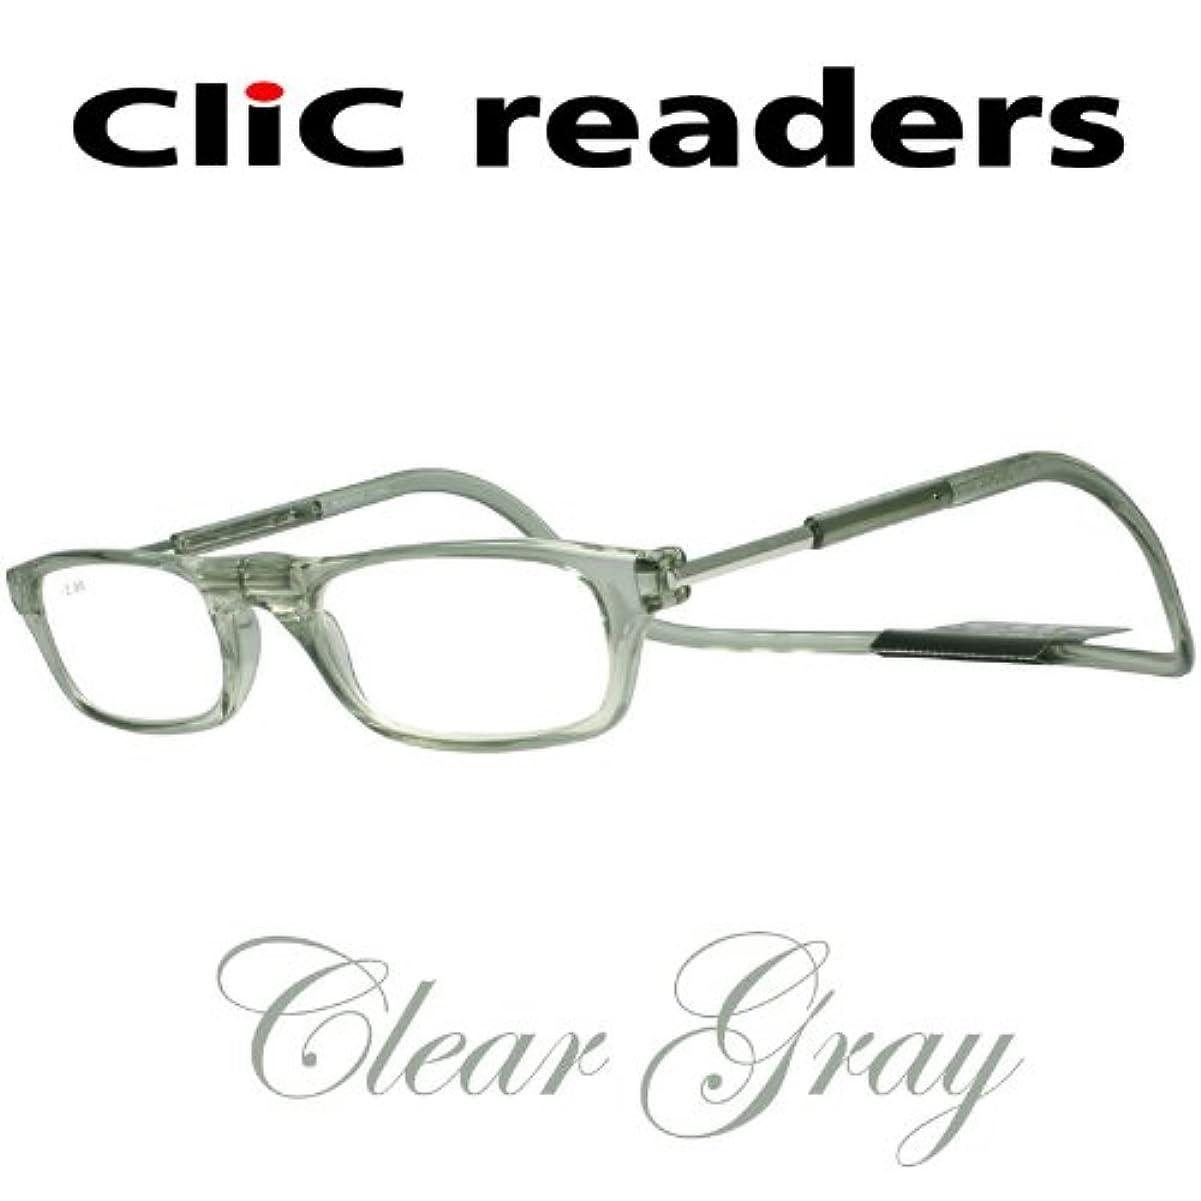 クリックリーダー Clic Readers マグネット式 全11色 既製老眼鏡 シニアグラス (クリアグレー, 度数:+1.00)